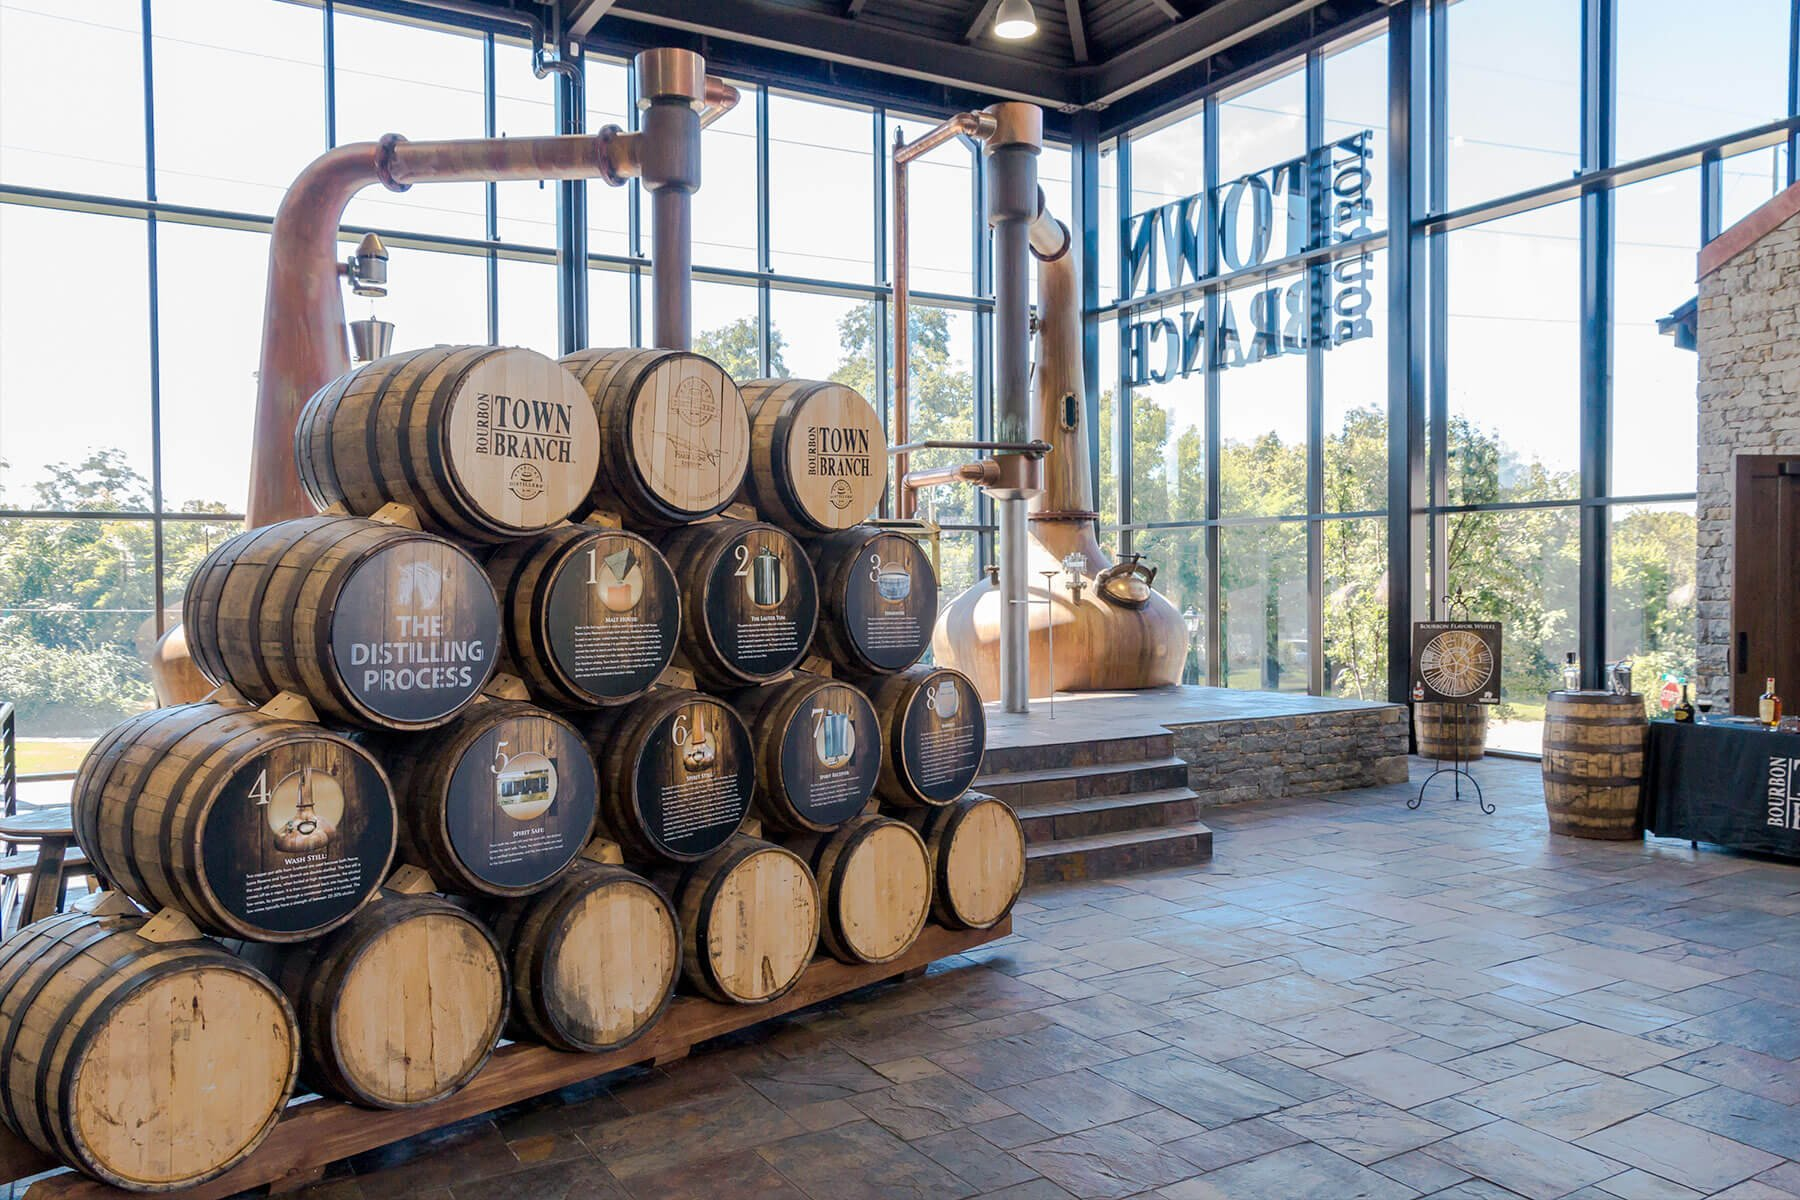 Inside the visitor center at the Alltech Lexington Brewing & Distilling Co. in Lexington, Kentucky